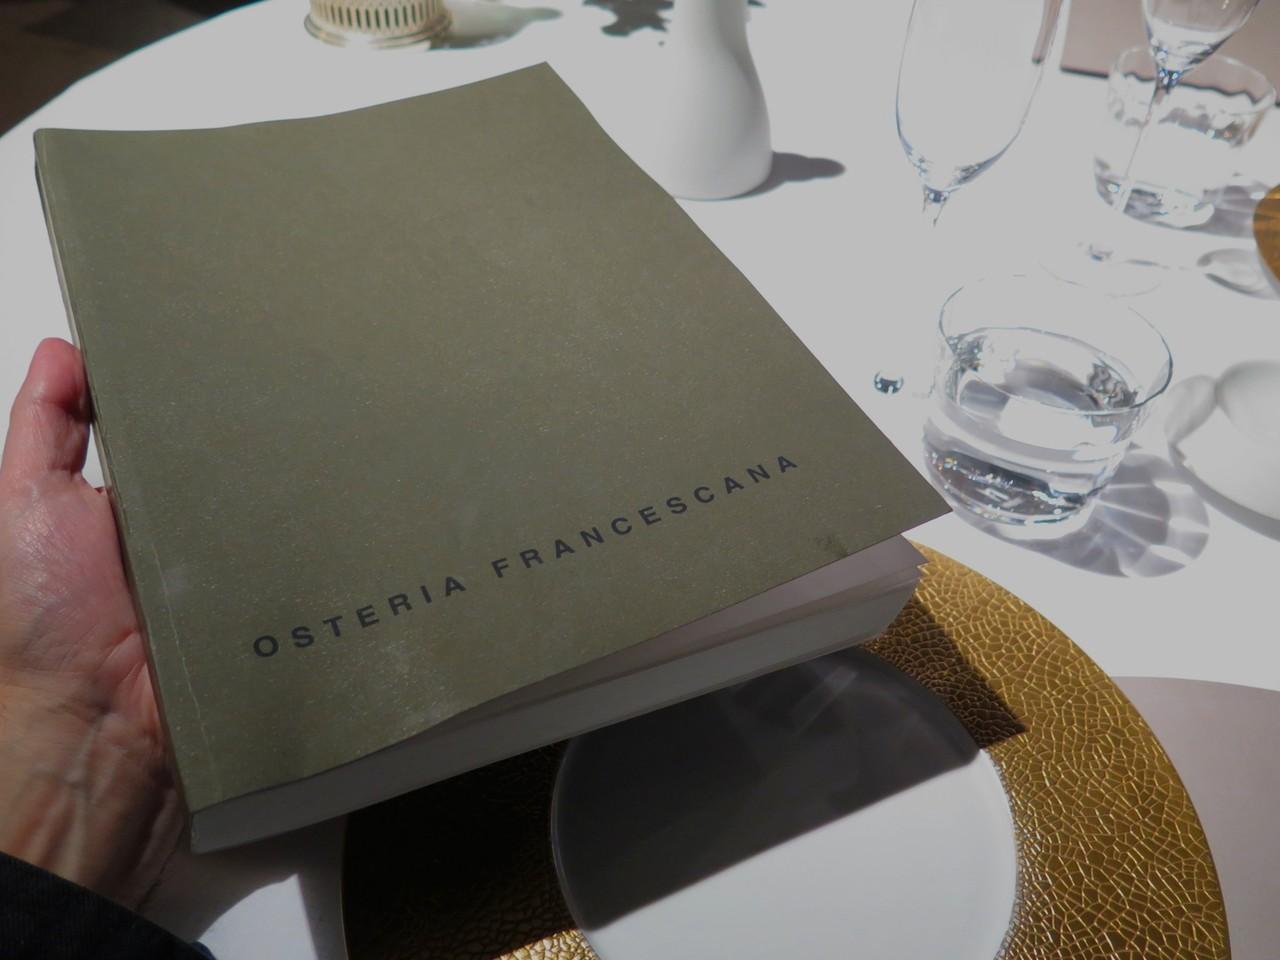 Carta de vinhos da OSTERIA FRANCESCANA